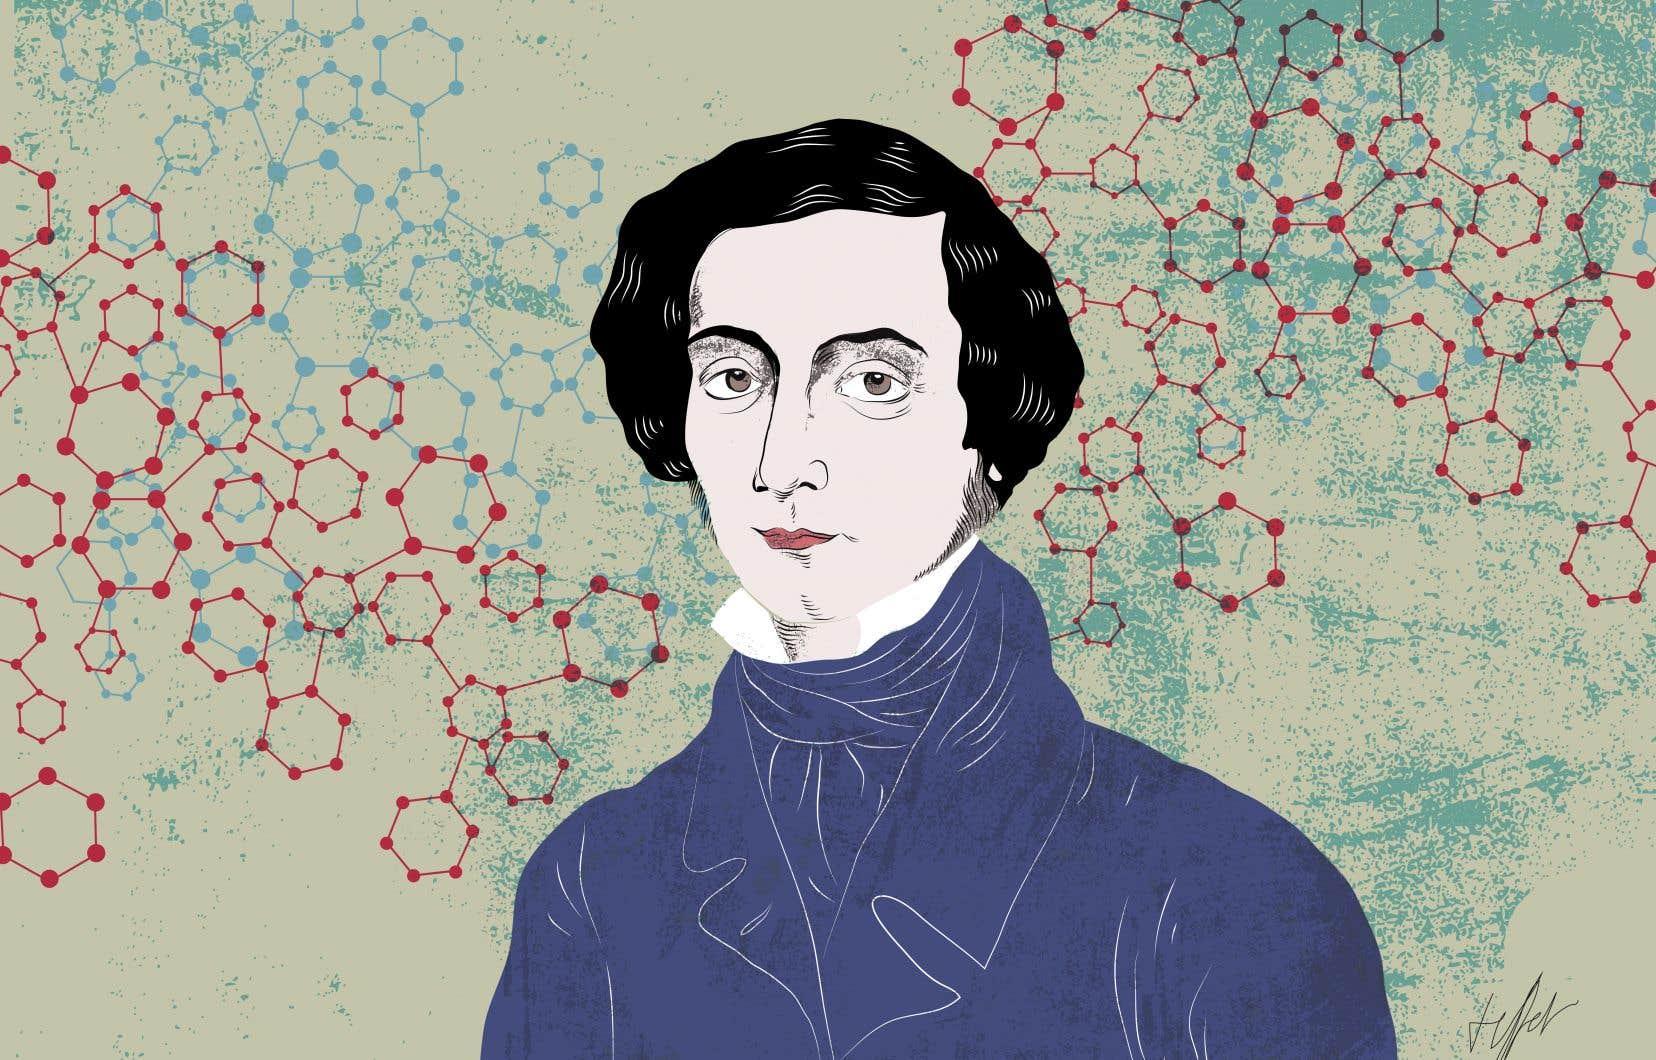 Selon Alexis de Tocqueville, la science pure, celle qui cherche à connaître les grands principes, demande du temps et de la méditation.